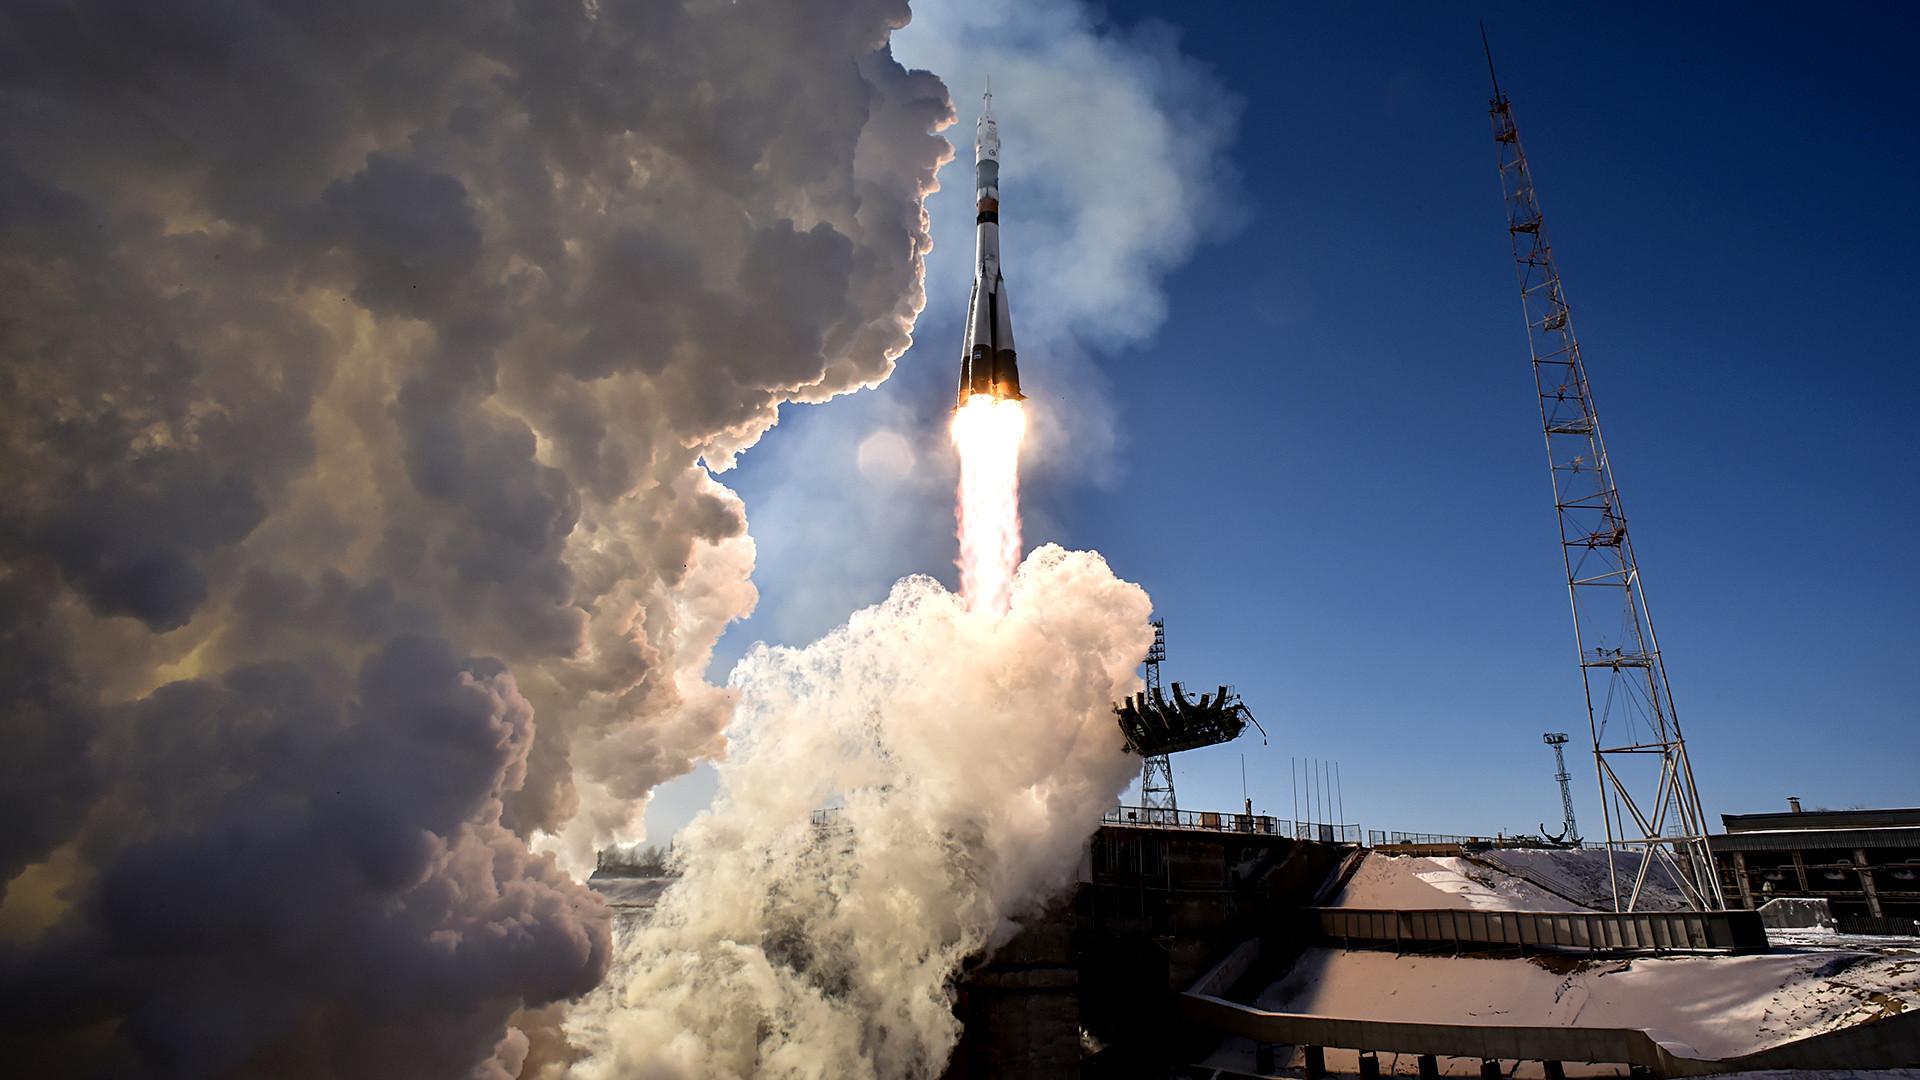 Ruski svemirski brod Sojuz MS-07